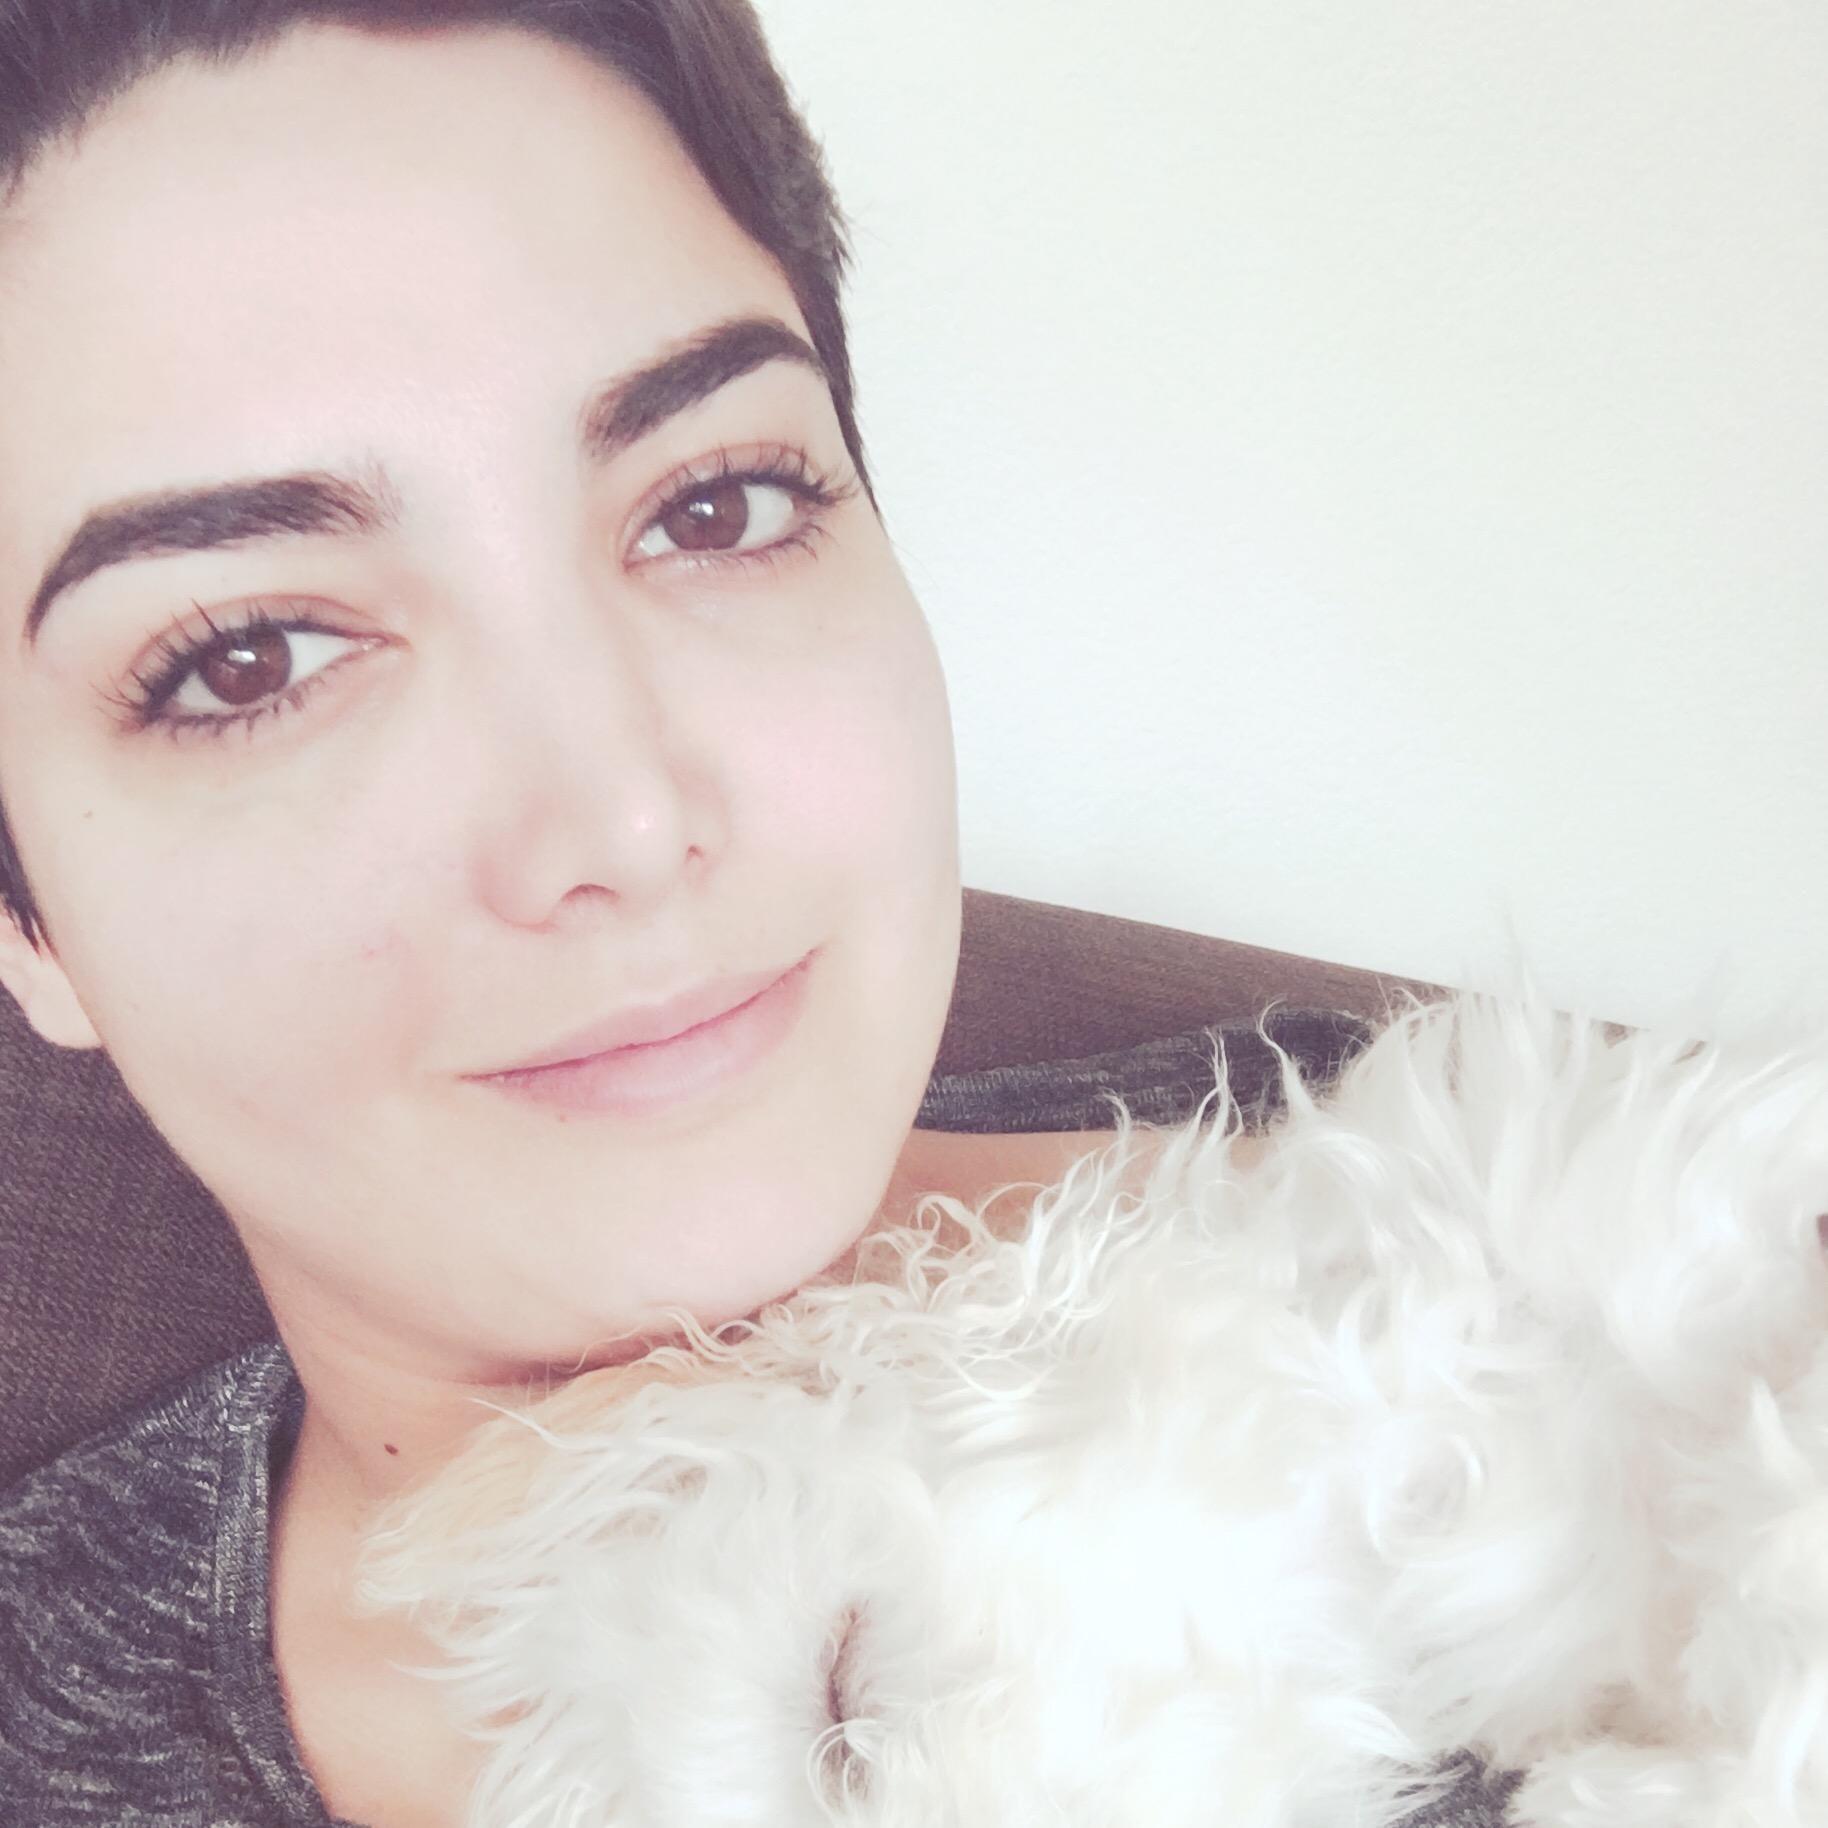 Shirin's dog day care